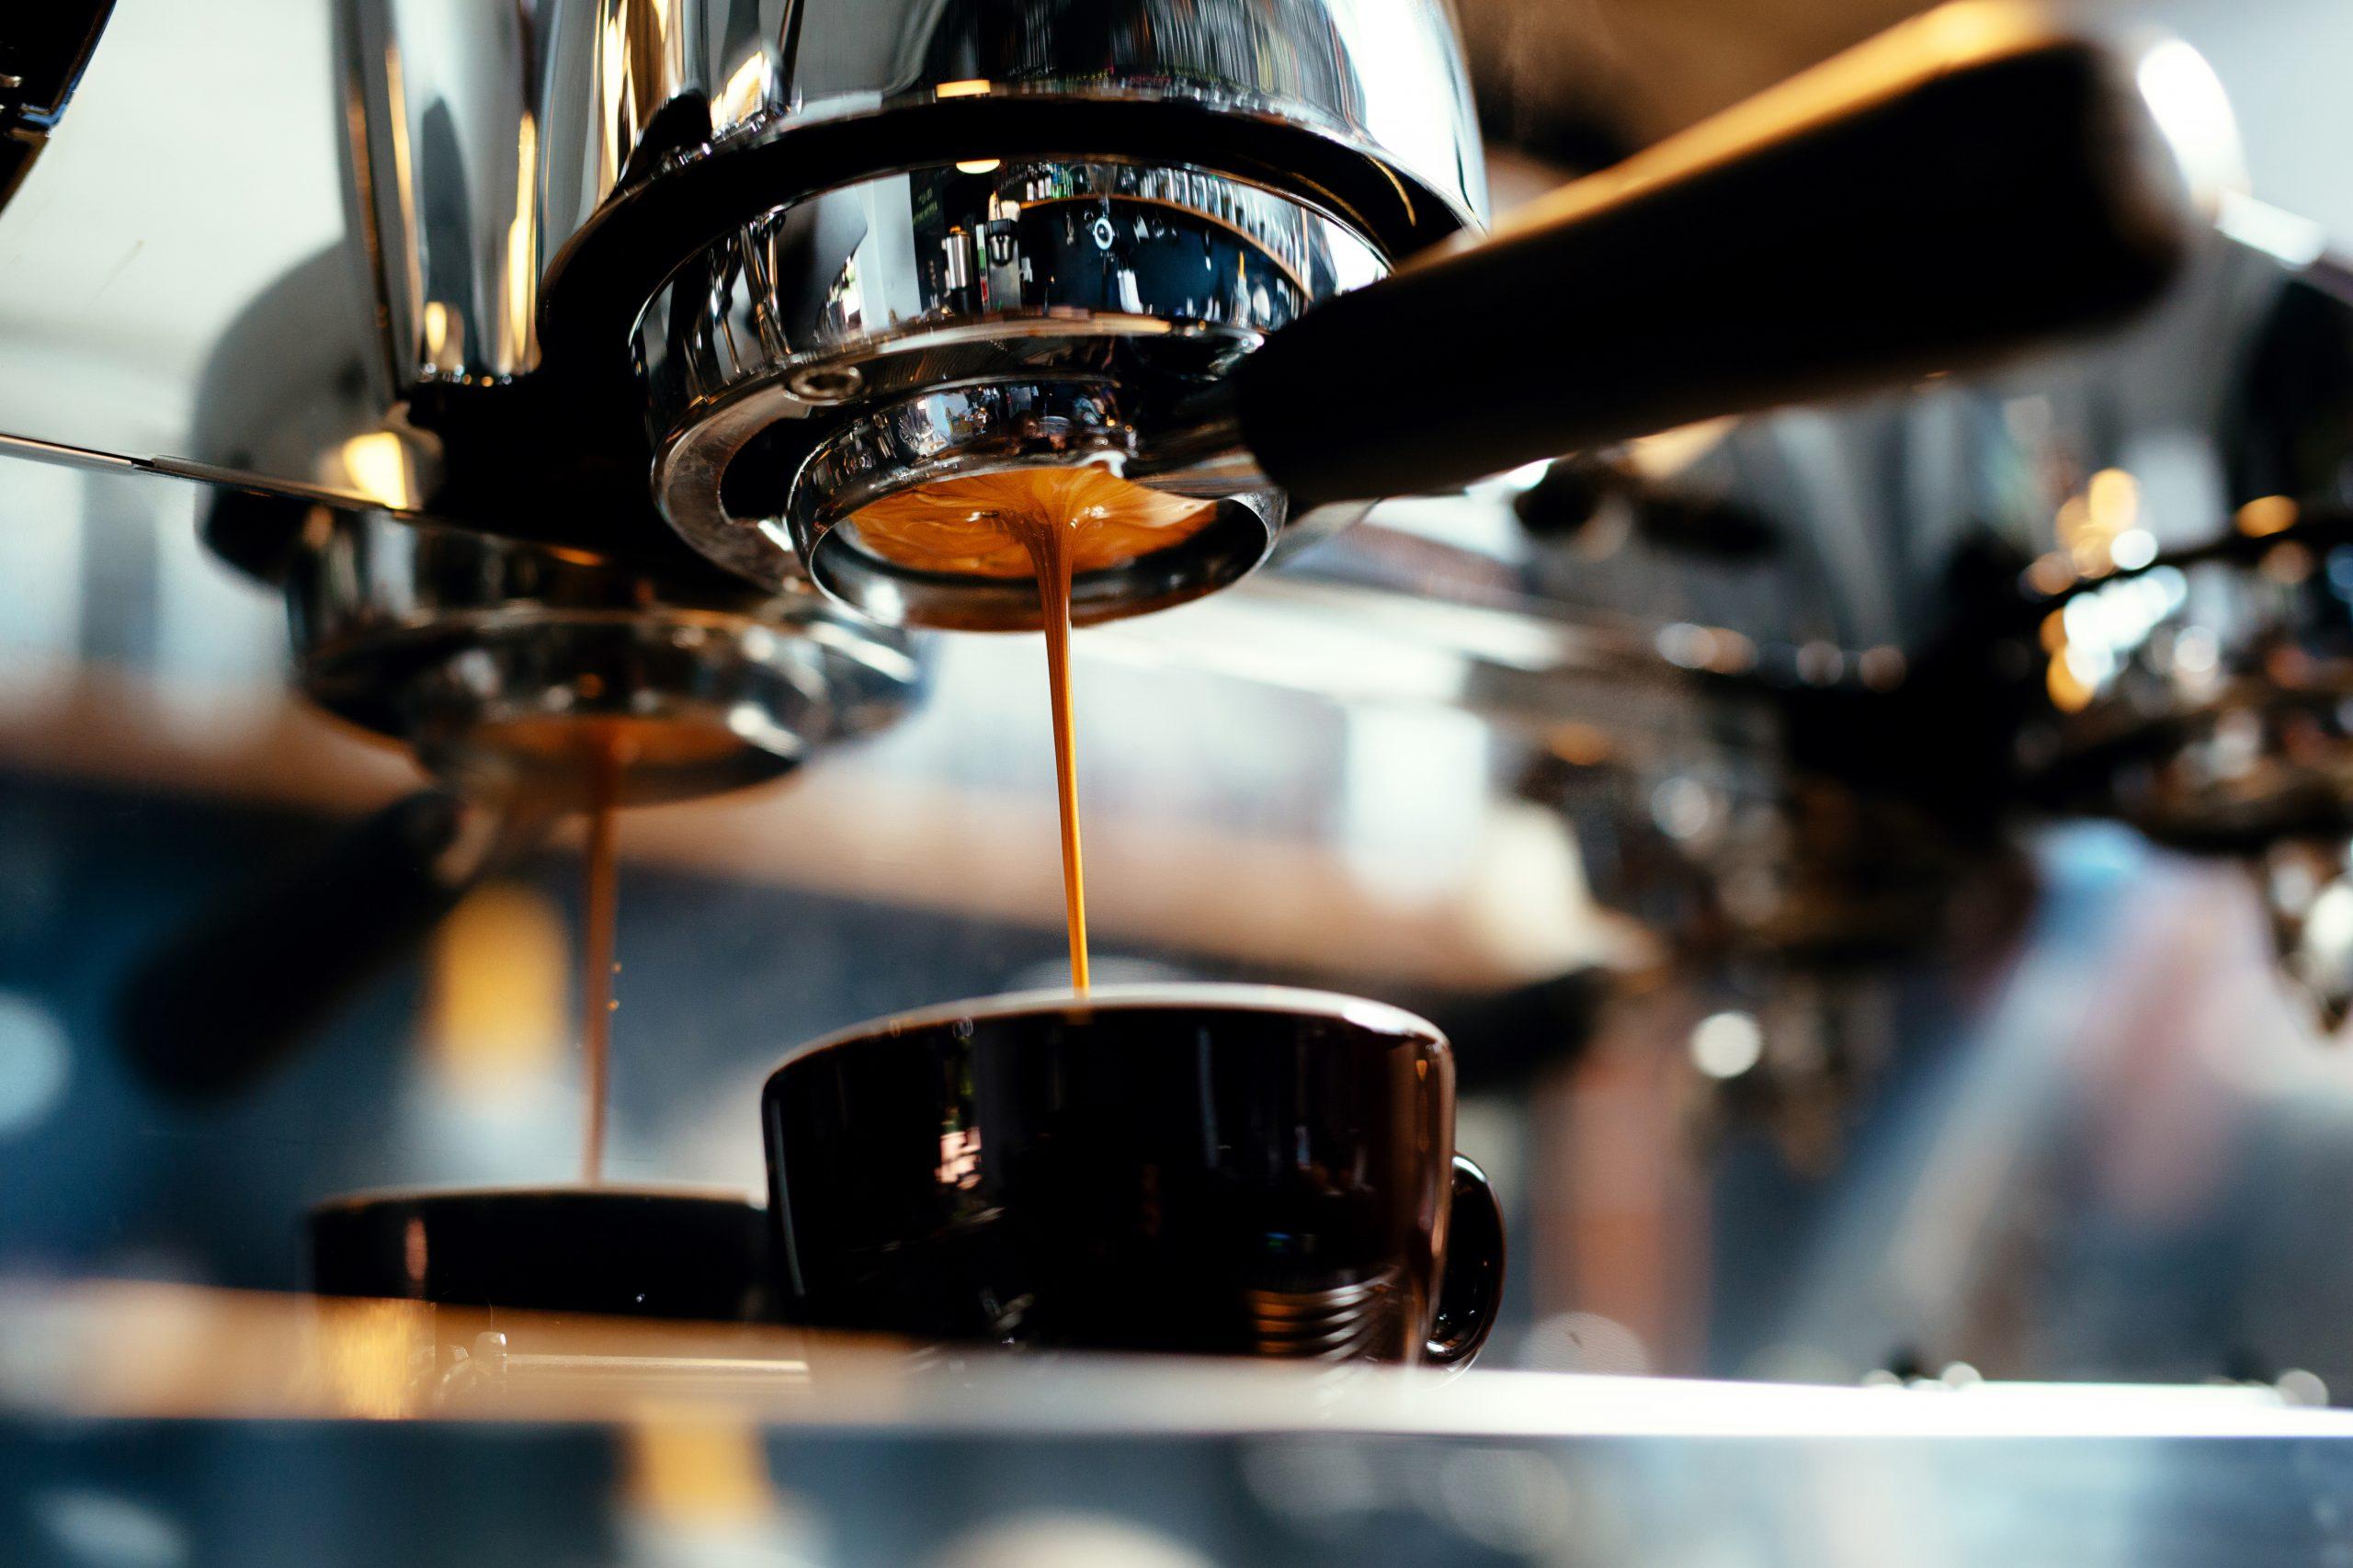 Espressomaschine mit Mahlwerk